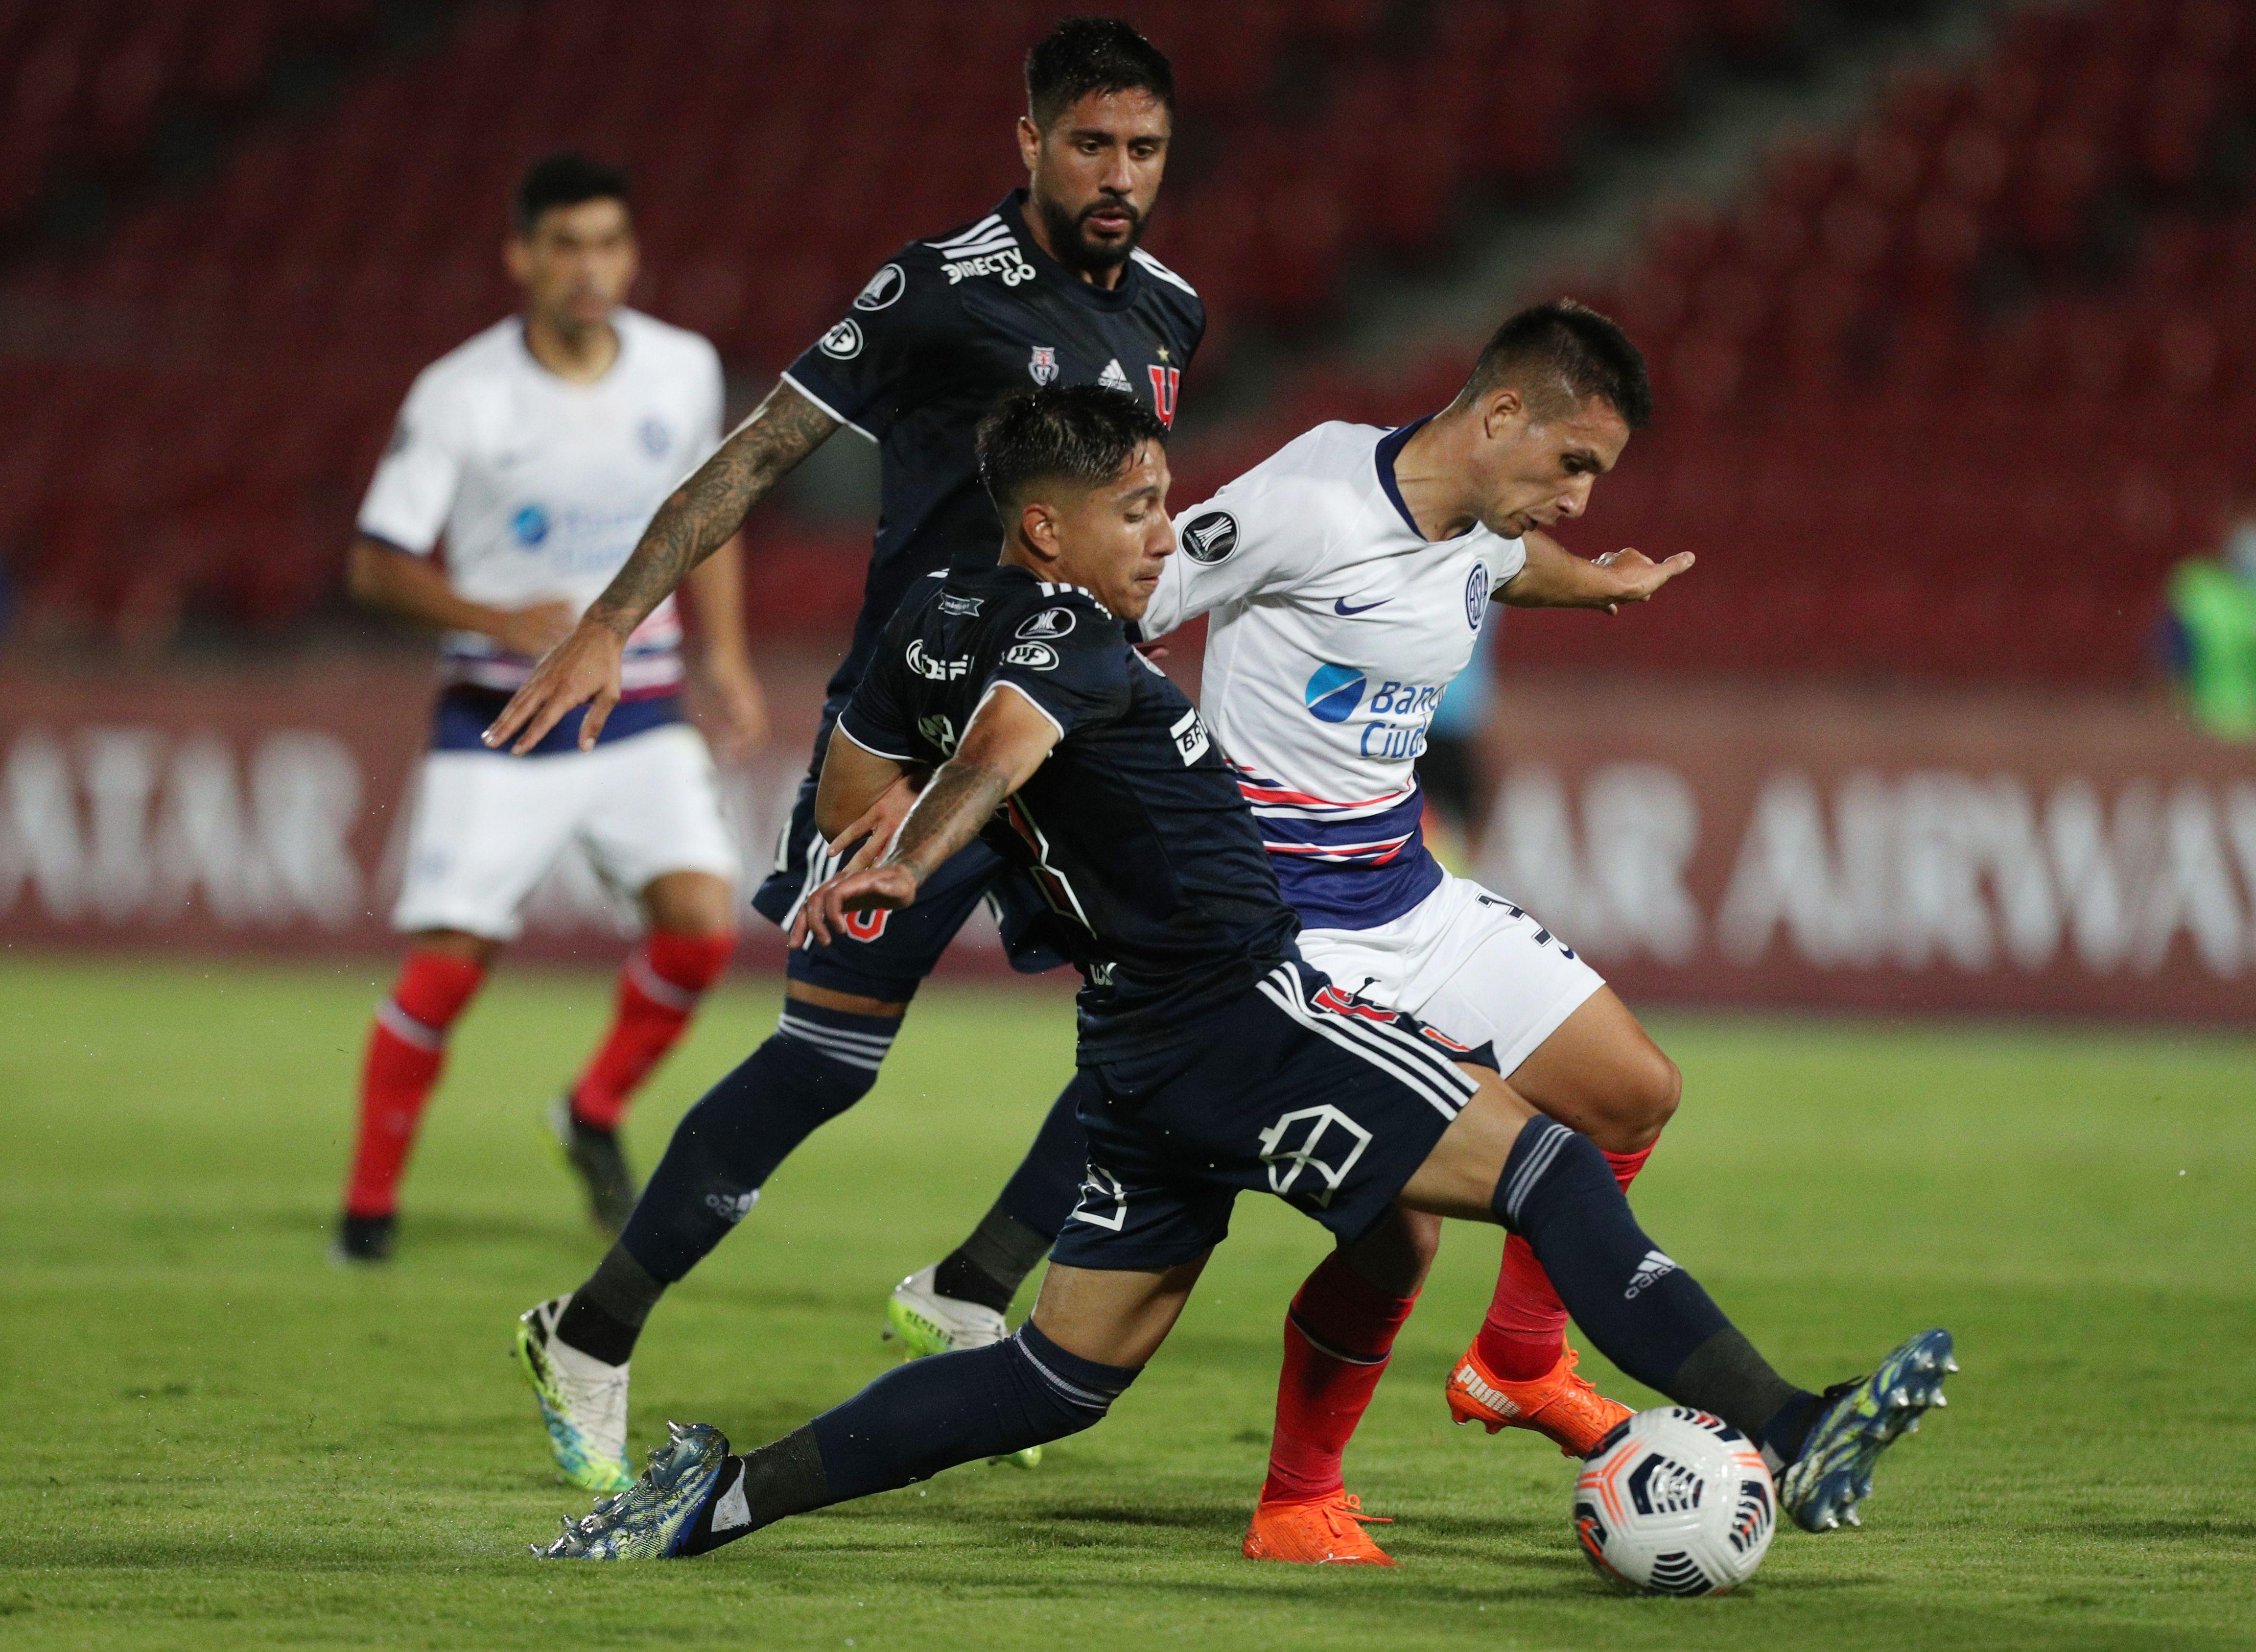 La U y San Lorenzo igualaron 1 a 1 en el cotejo de ida (REUTERS/Esteban Felix).